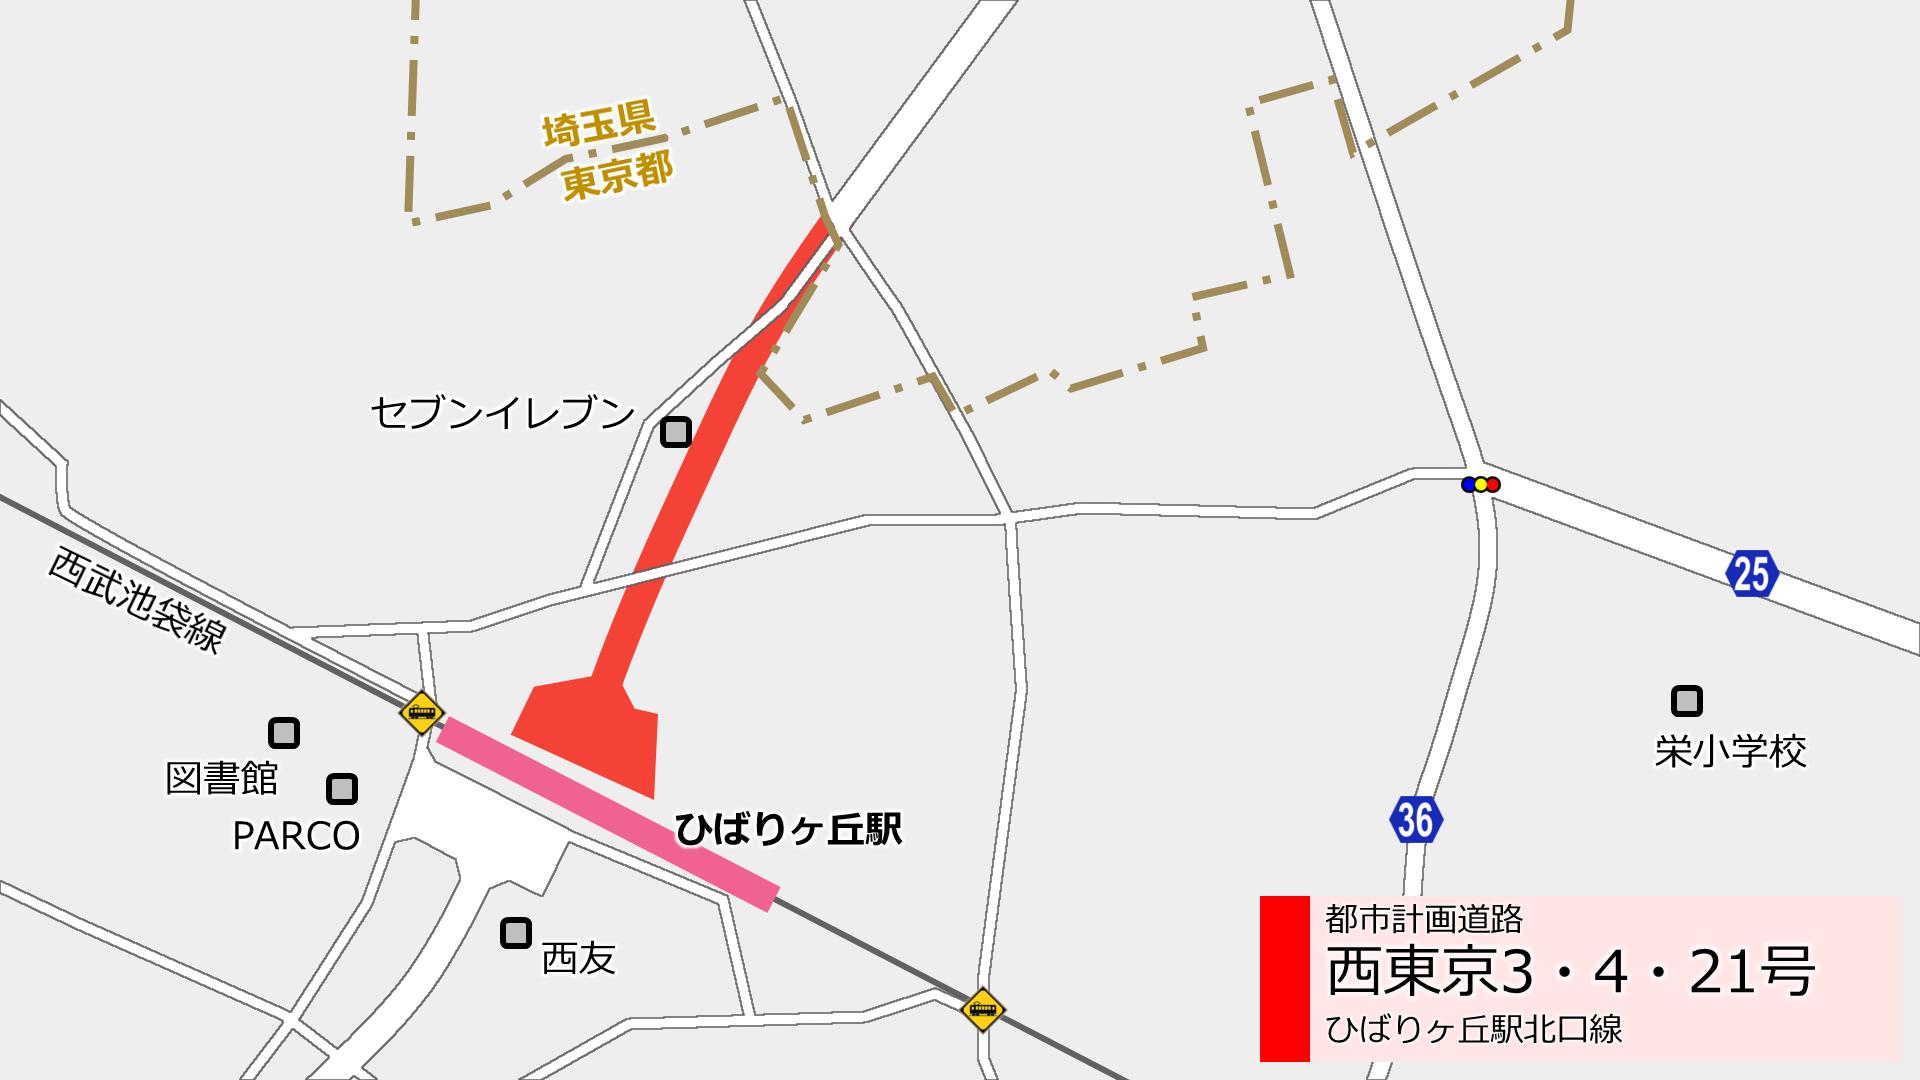 ひばりヶ丘駅北口の新しい道路 西東京3・4・21号 進捗状況2018.8_a0332275_18441938.png